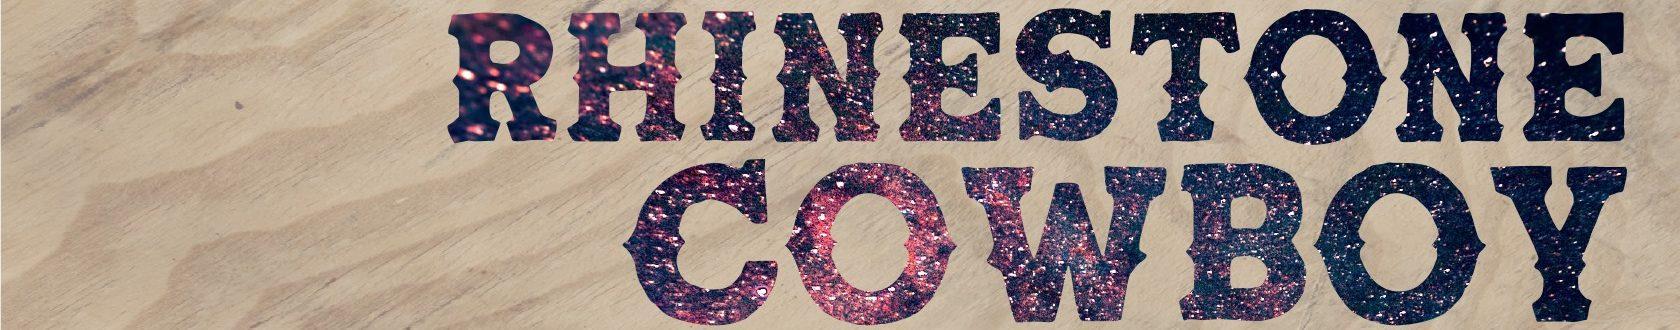 Rhinestone Cowboy Crystals